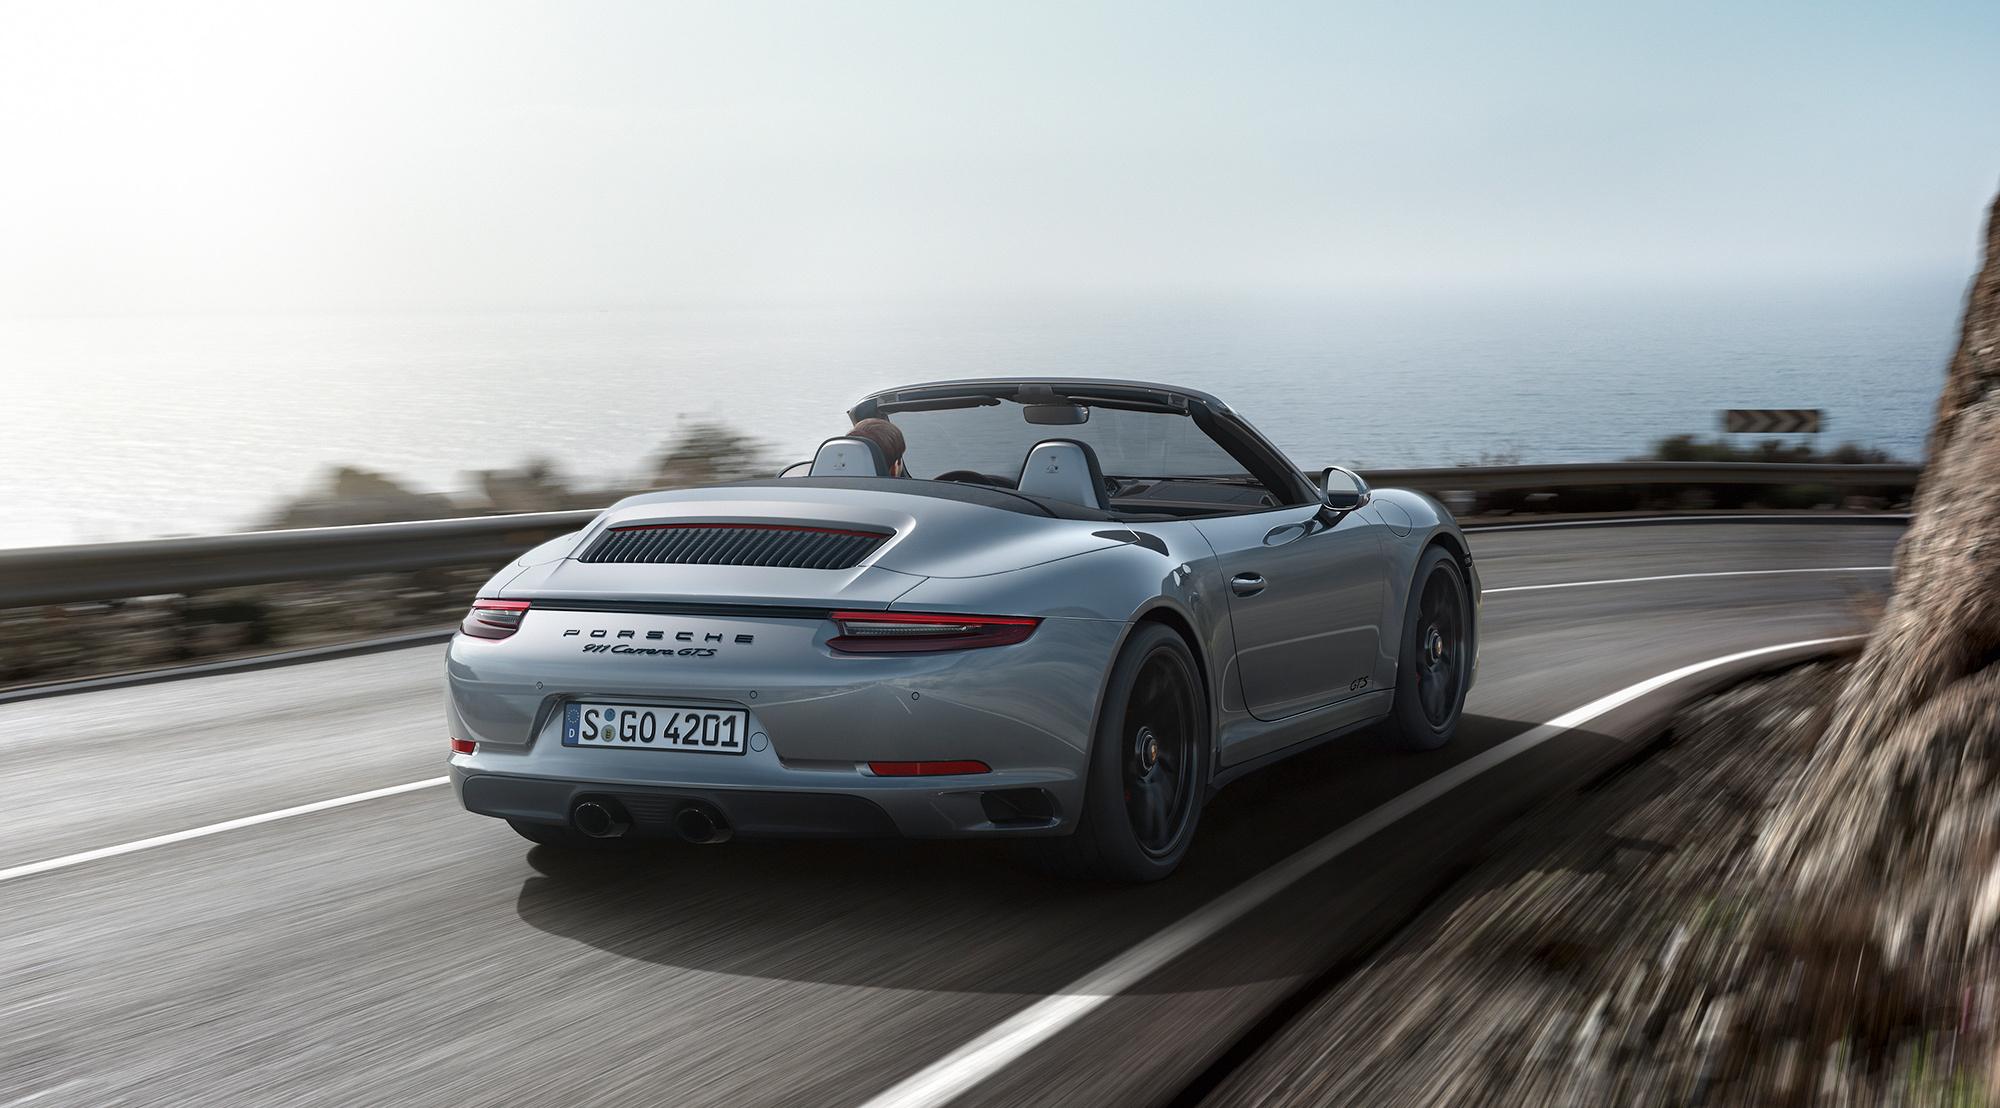 Porsche 911 Gts Wallpapers Hd